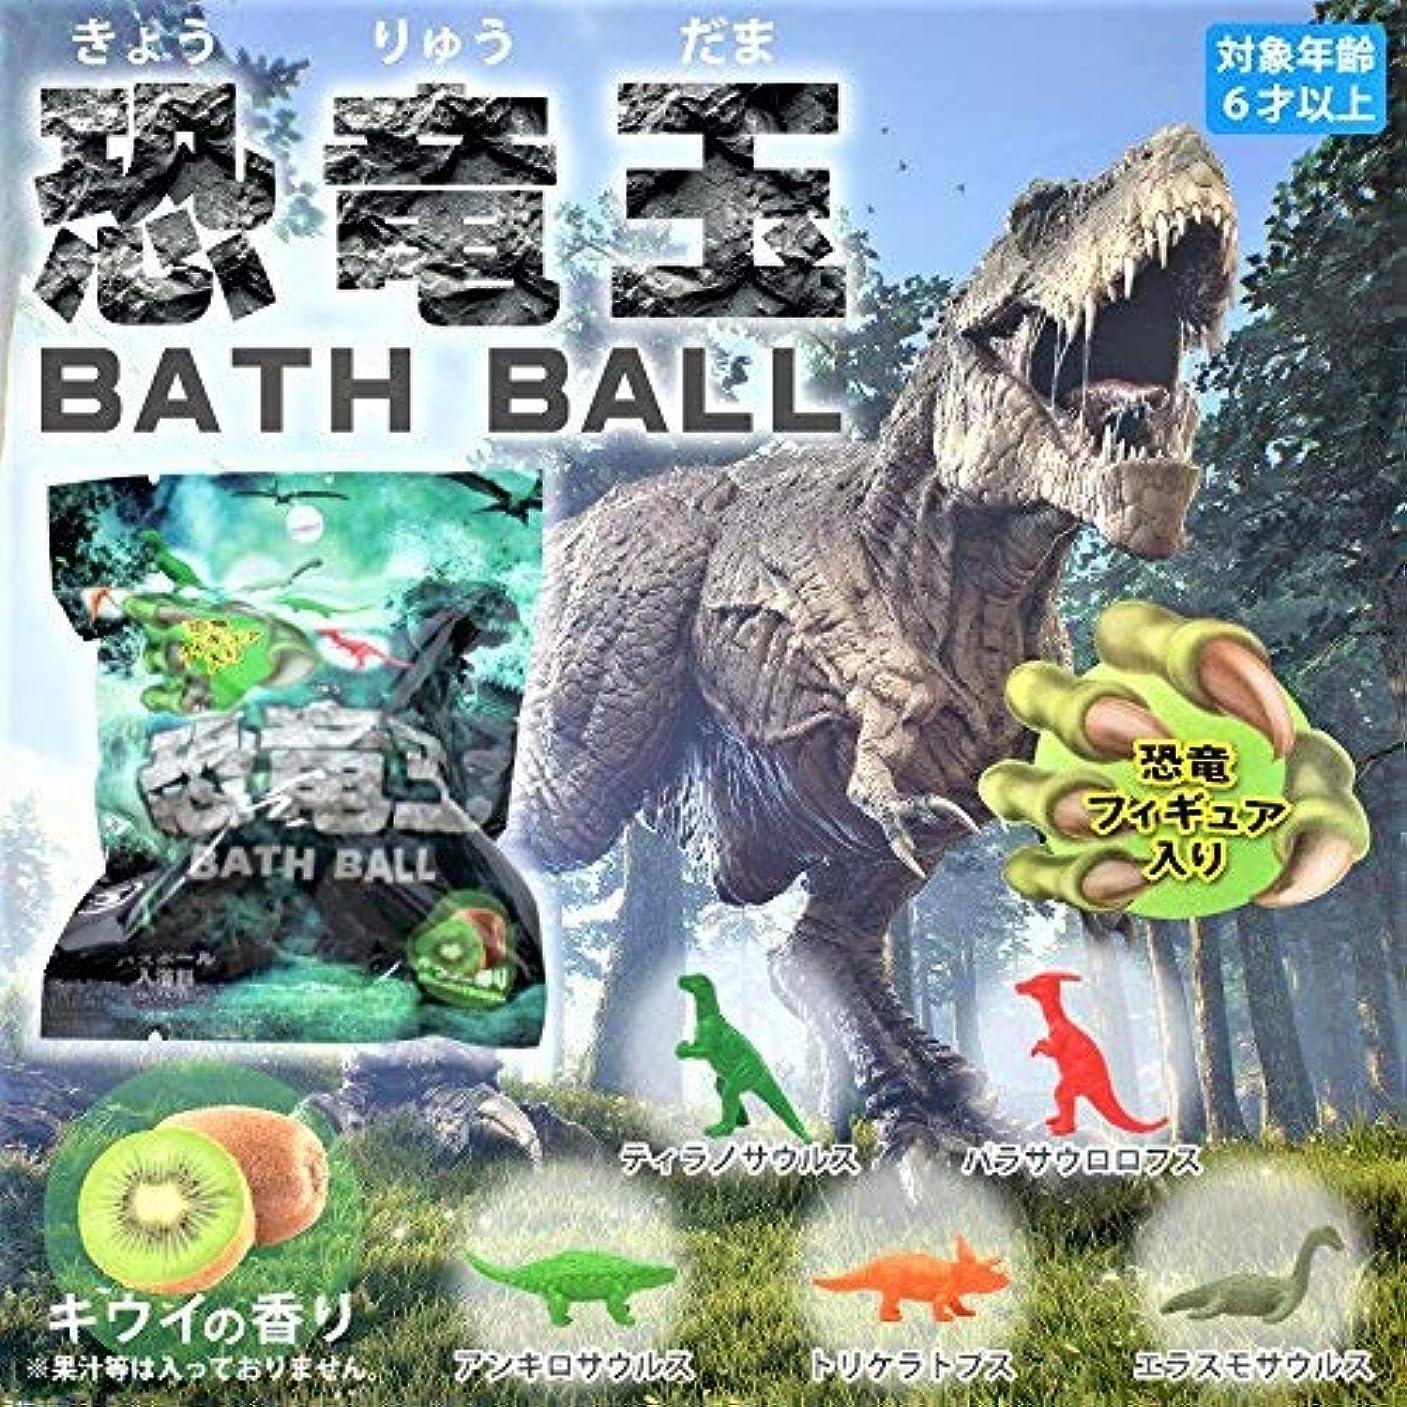 必要性その結果公爵夫人恐竜玉バスボール 24個1セット キウイの香り 恐竜フィギュア入りバスボール 入浴剤